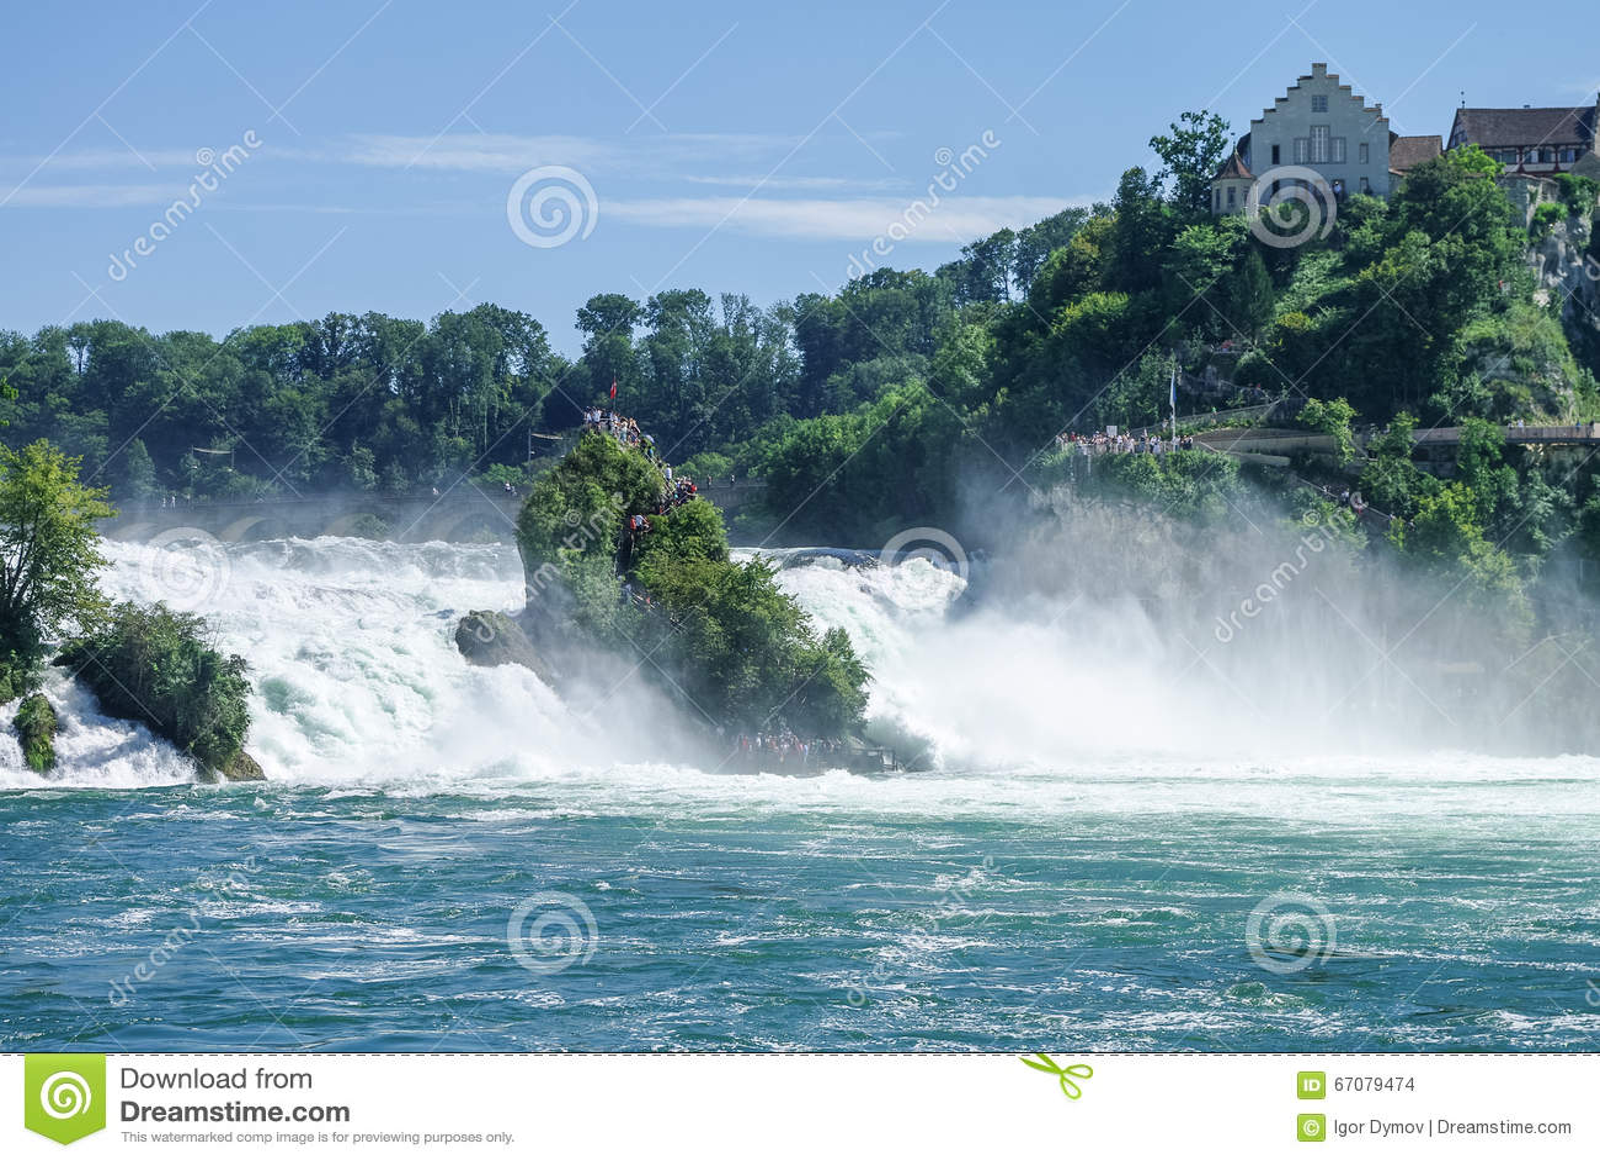 Watervallen Van Schaffhausen.De Rijn Dalingen Is De Grootste Waterval In Europa